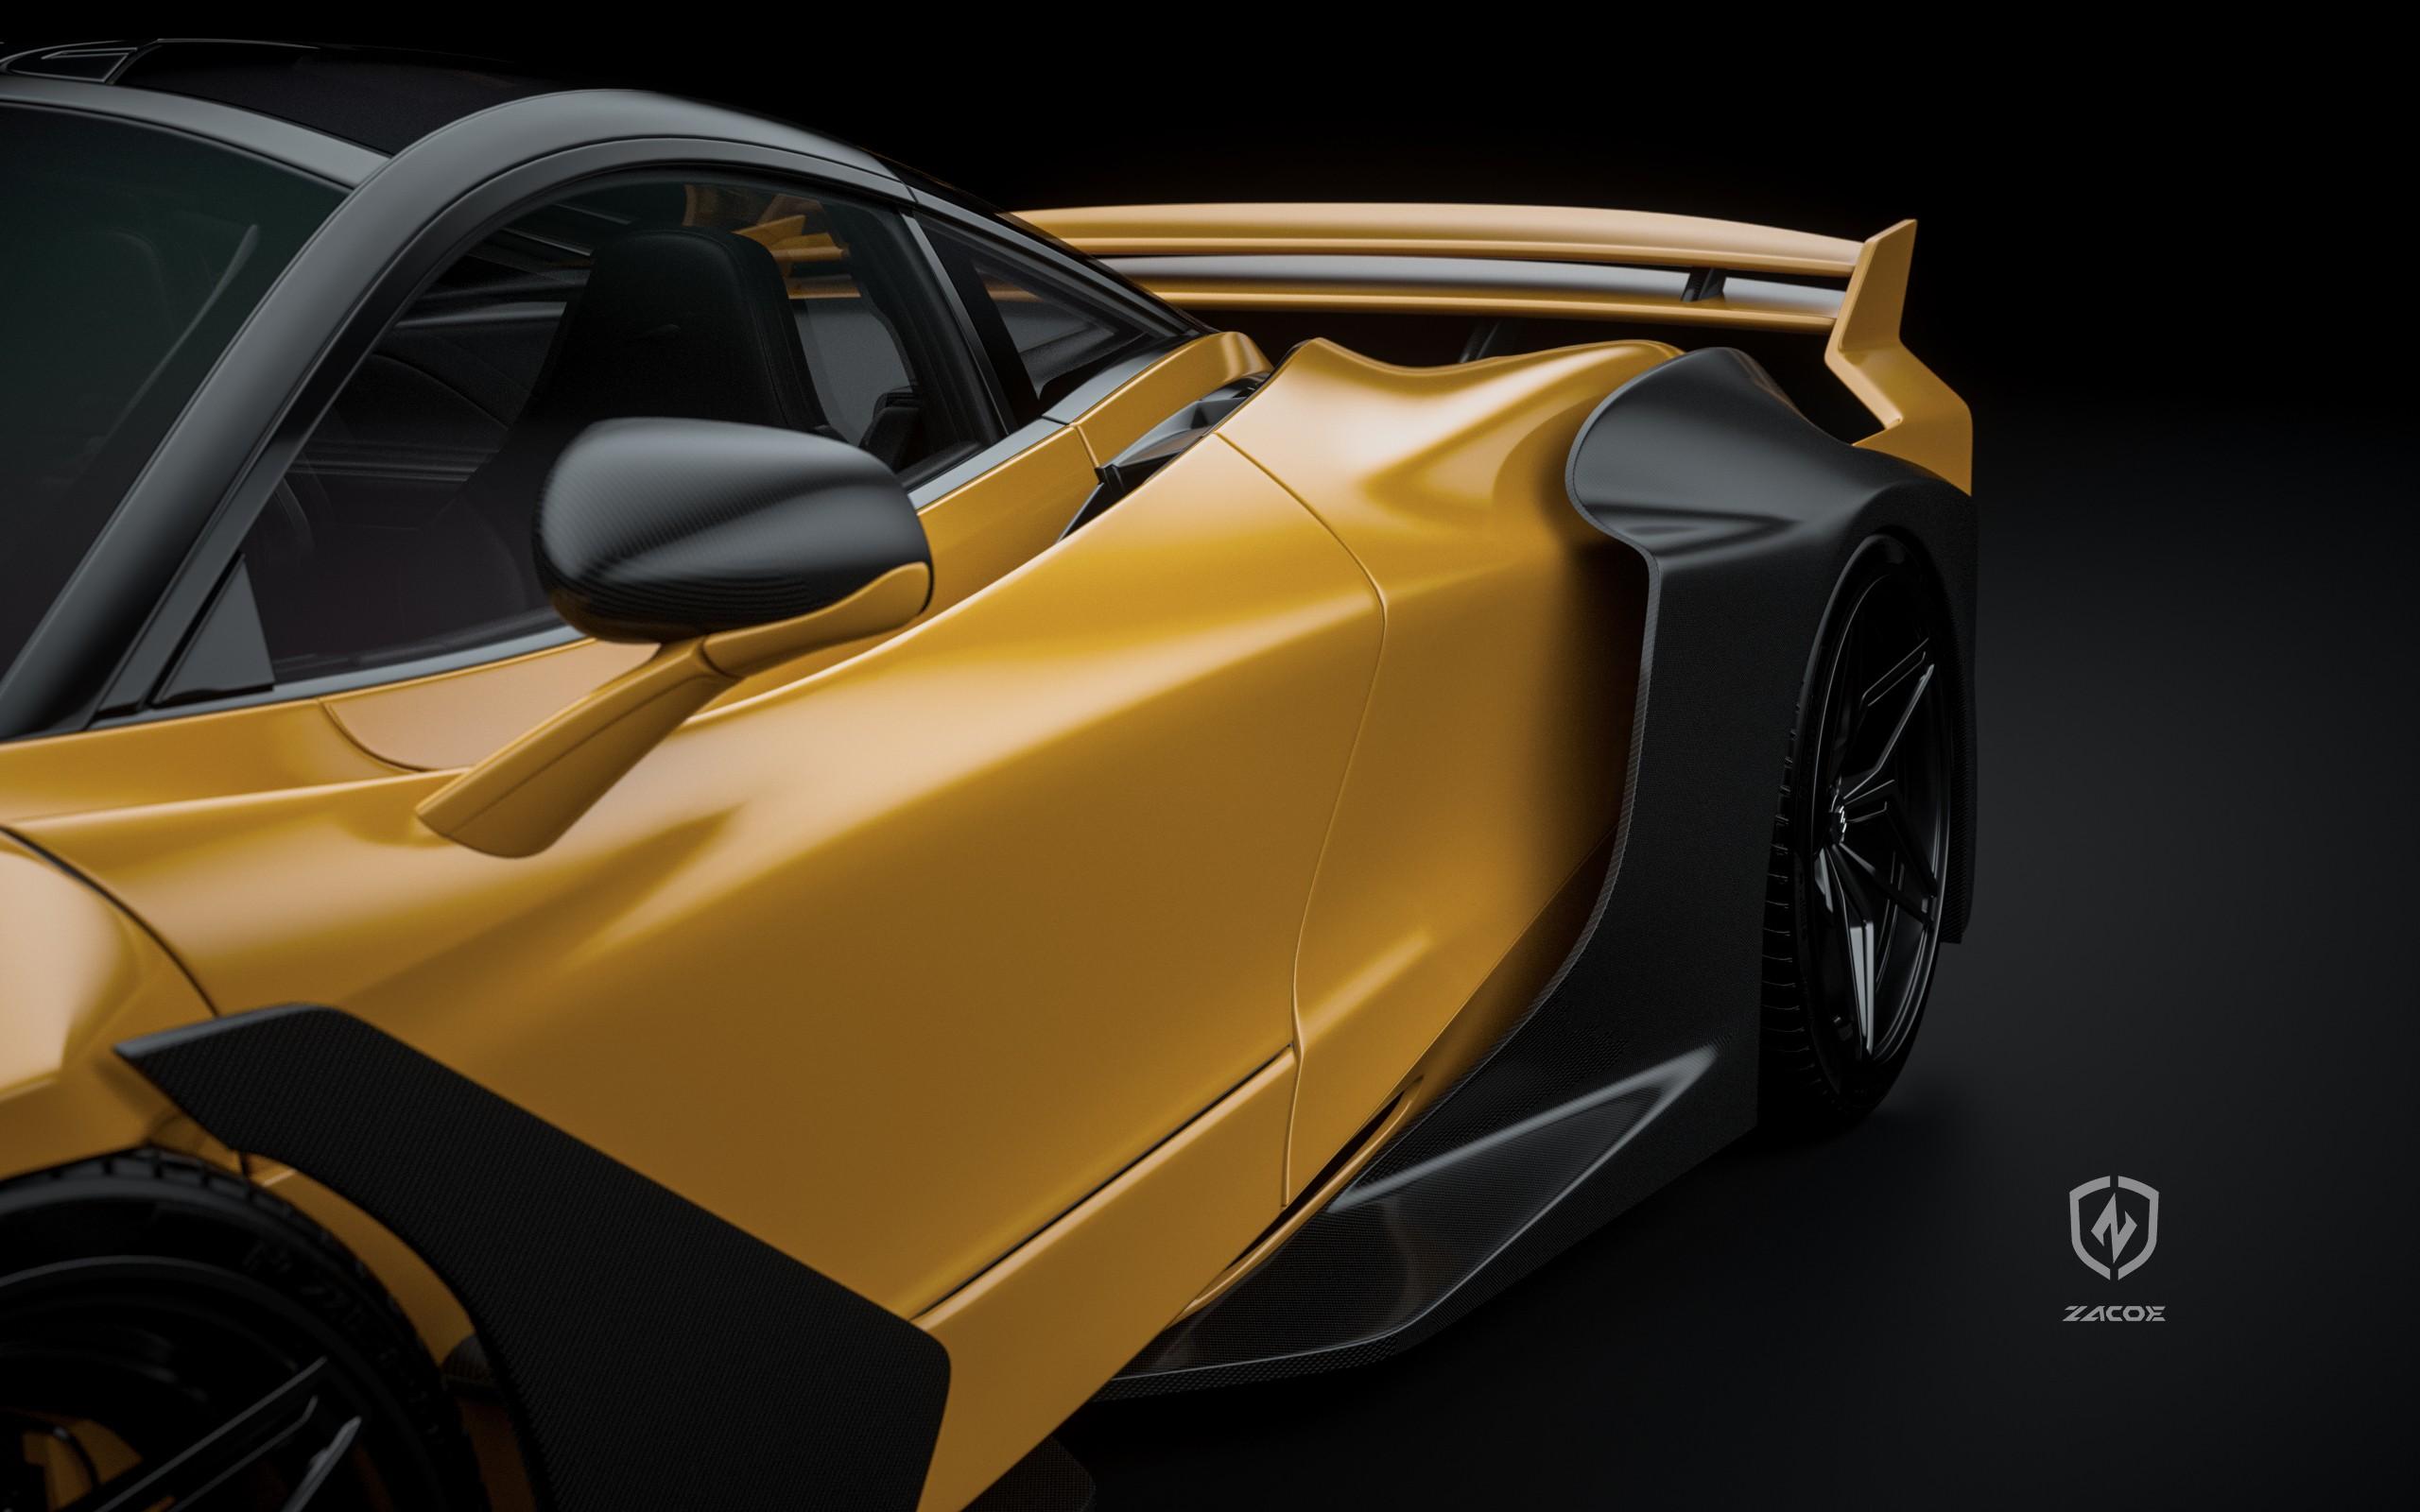 McLaren-720S-by-Zacoe-9